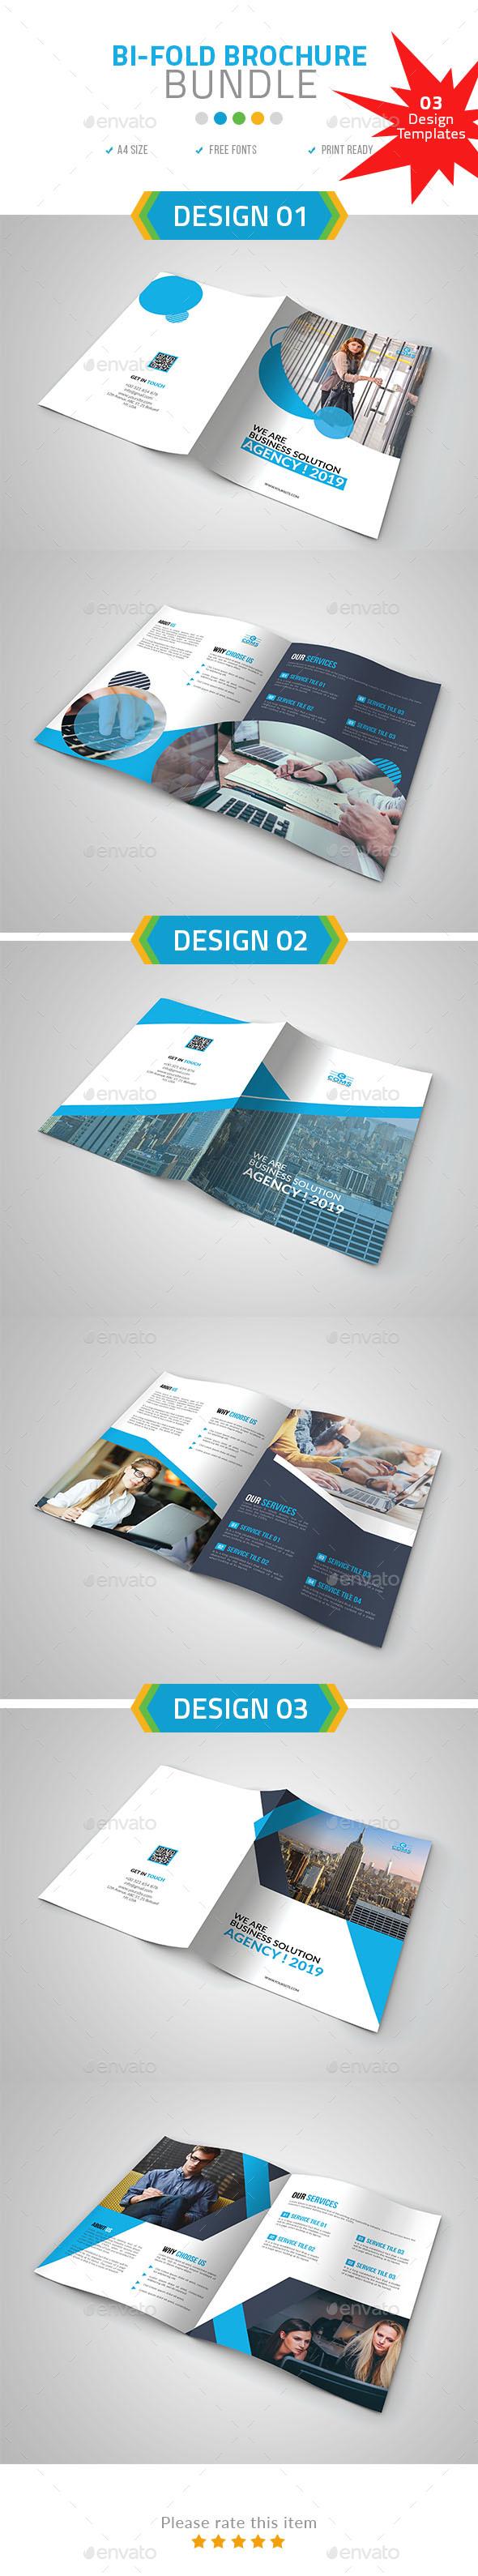 A4 Bi-Fold Brochure Bundle set 01 - Corporate Brochures